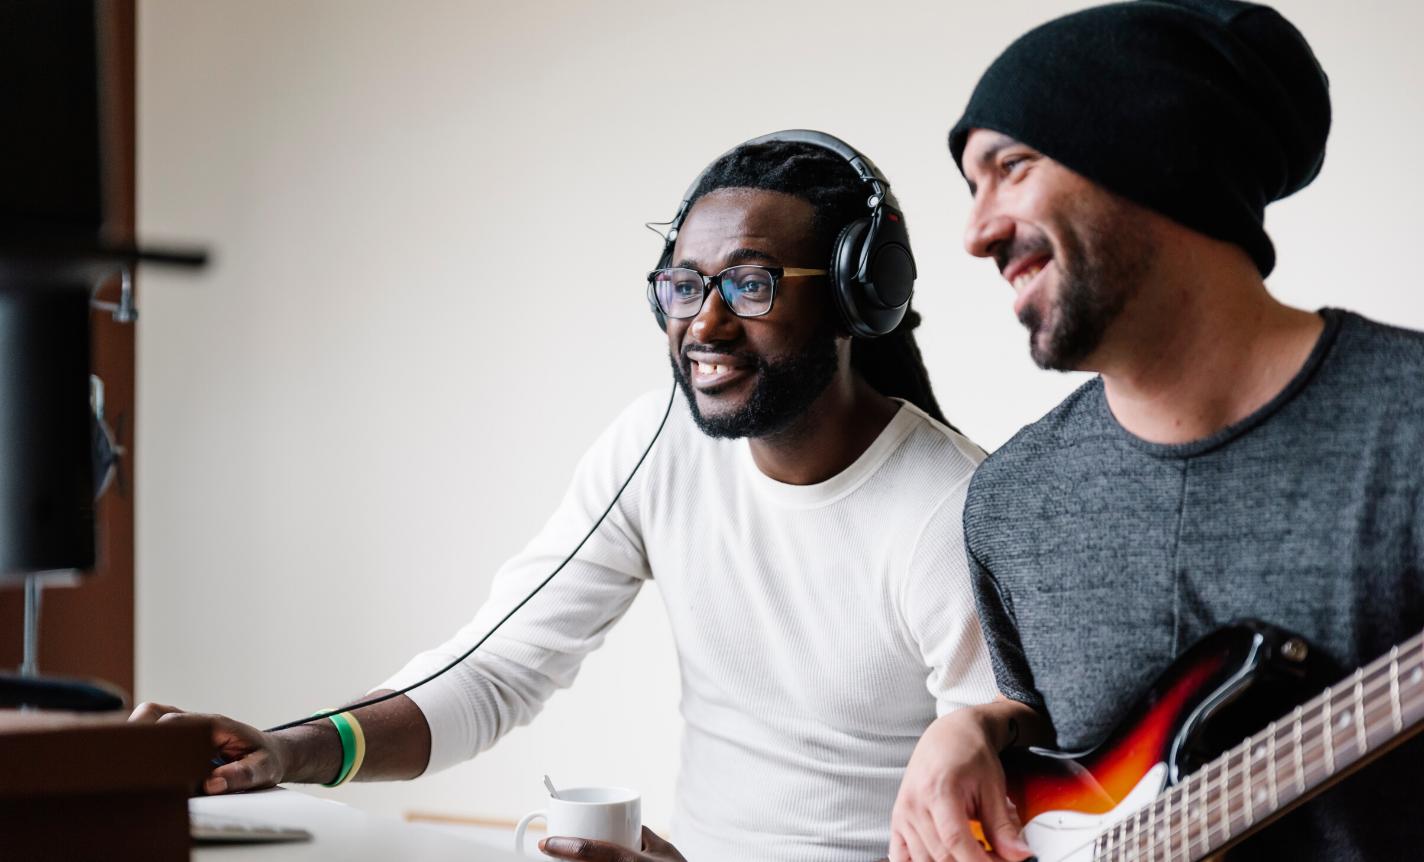 Legacy Building as a Creative Entrepreneur